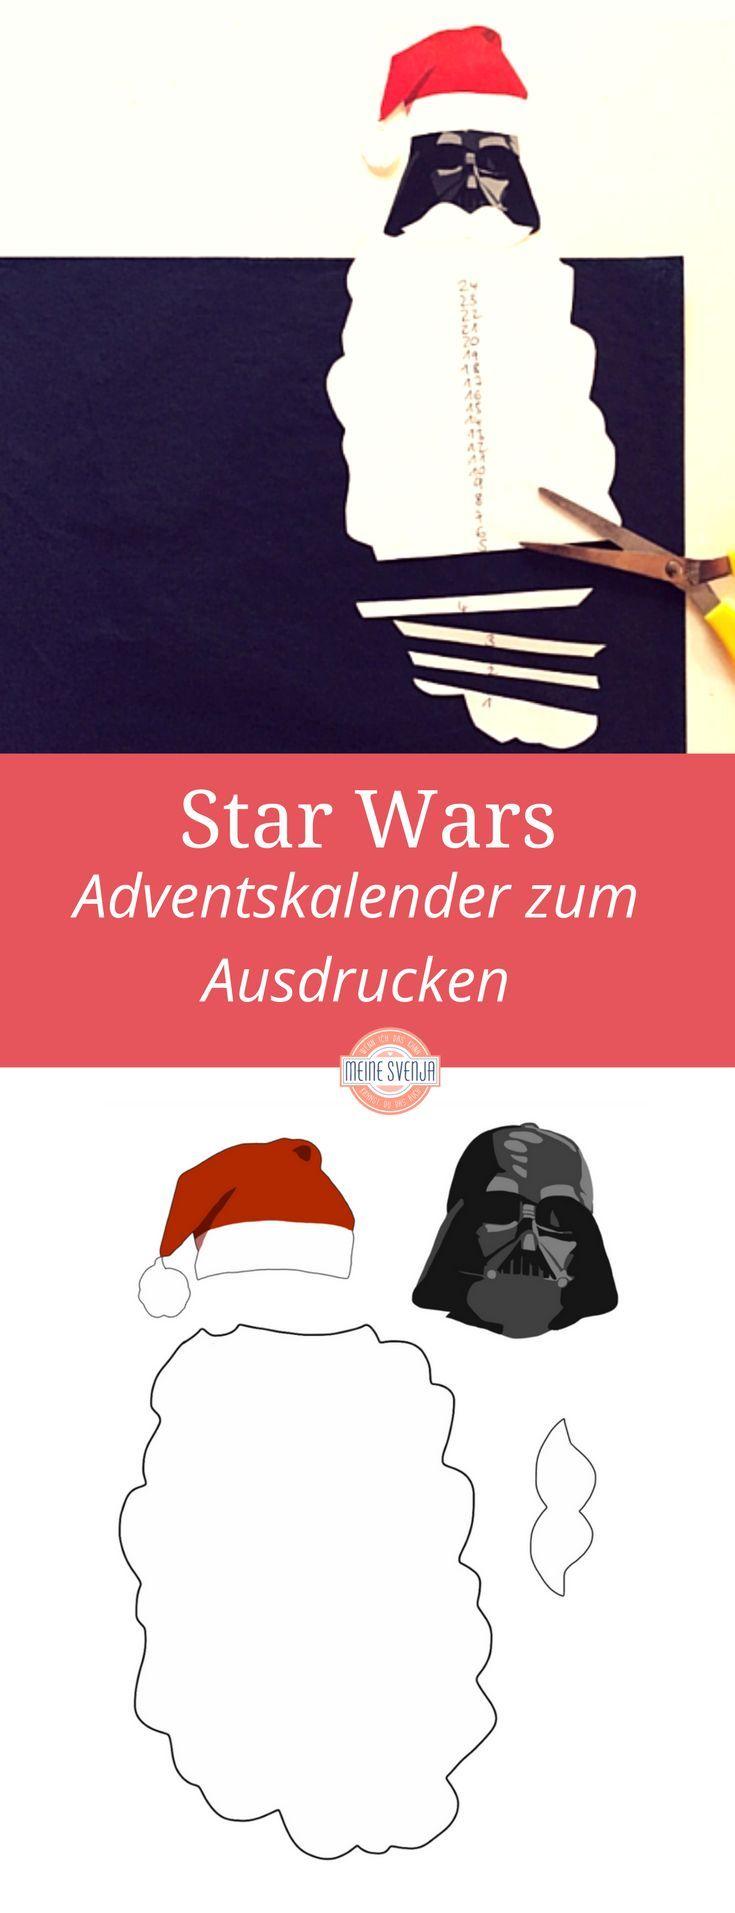 Star Wars Kalender zum Ausdrucken - kostenlos!!! Falls eure Kinder auch so kleine Star Wars Fans sind wie meine, ist das genau das Richtige für euch. Wir haben die Star Wars Adventskalender mit unseren Viertklässlern beim Weihnachtsbasteln in der Schule gestaltet. Hier gehts lang zum free Download http://www.meinesvenja.de/2015/11/20/star-wars-adventskalender/ *** Free printable Star wars advent calendar